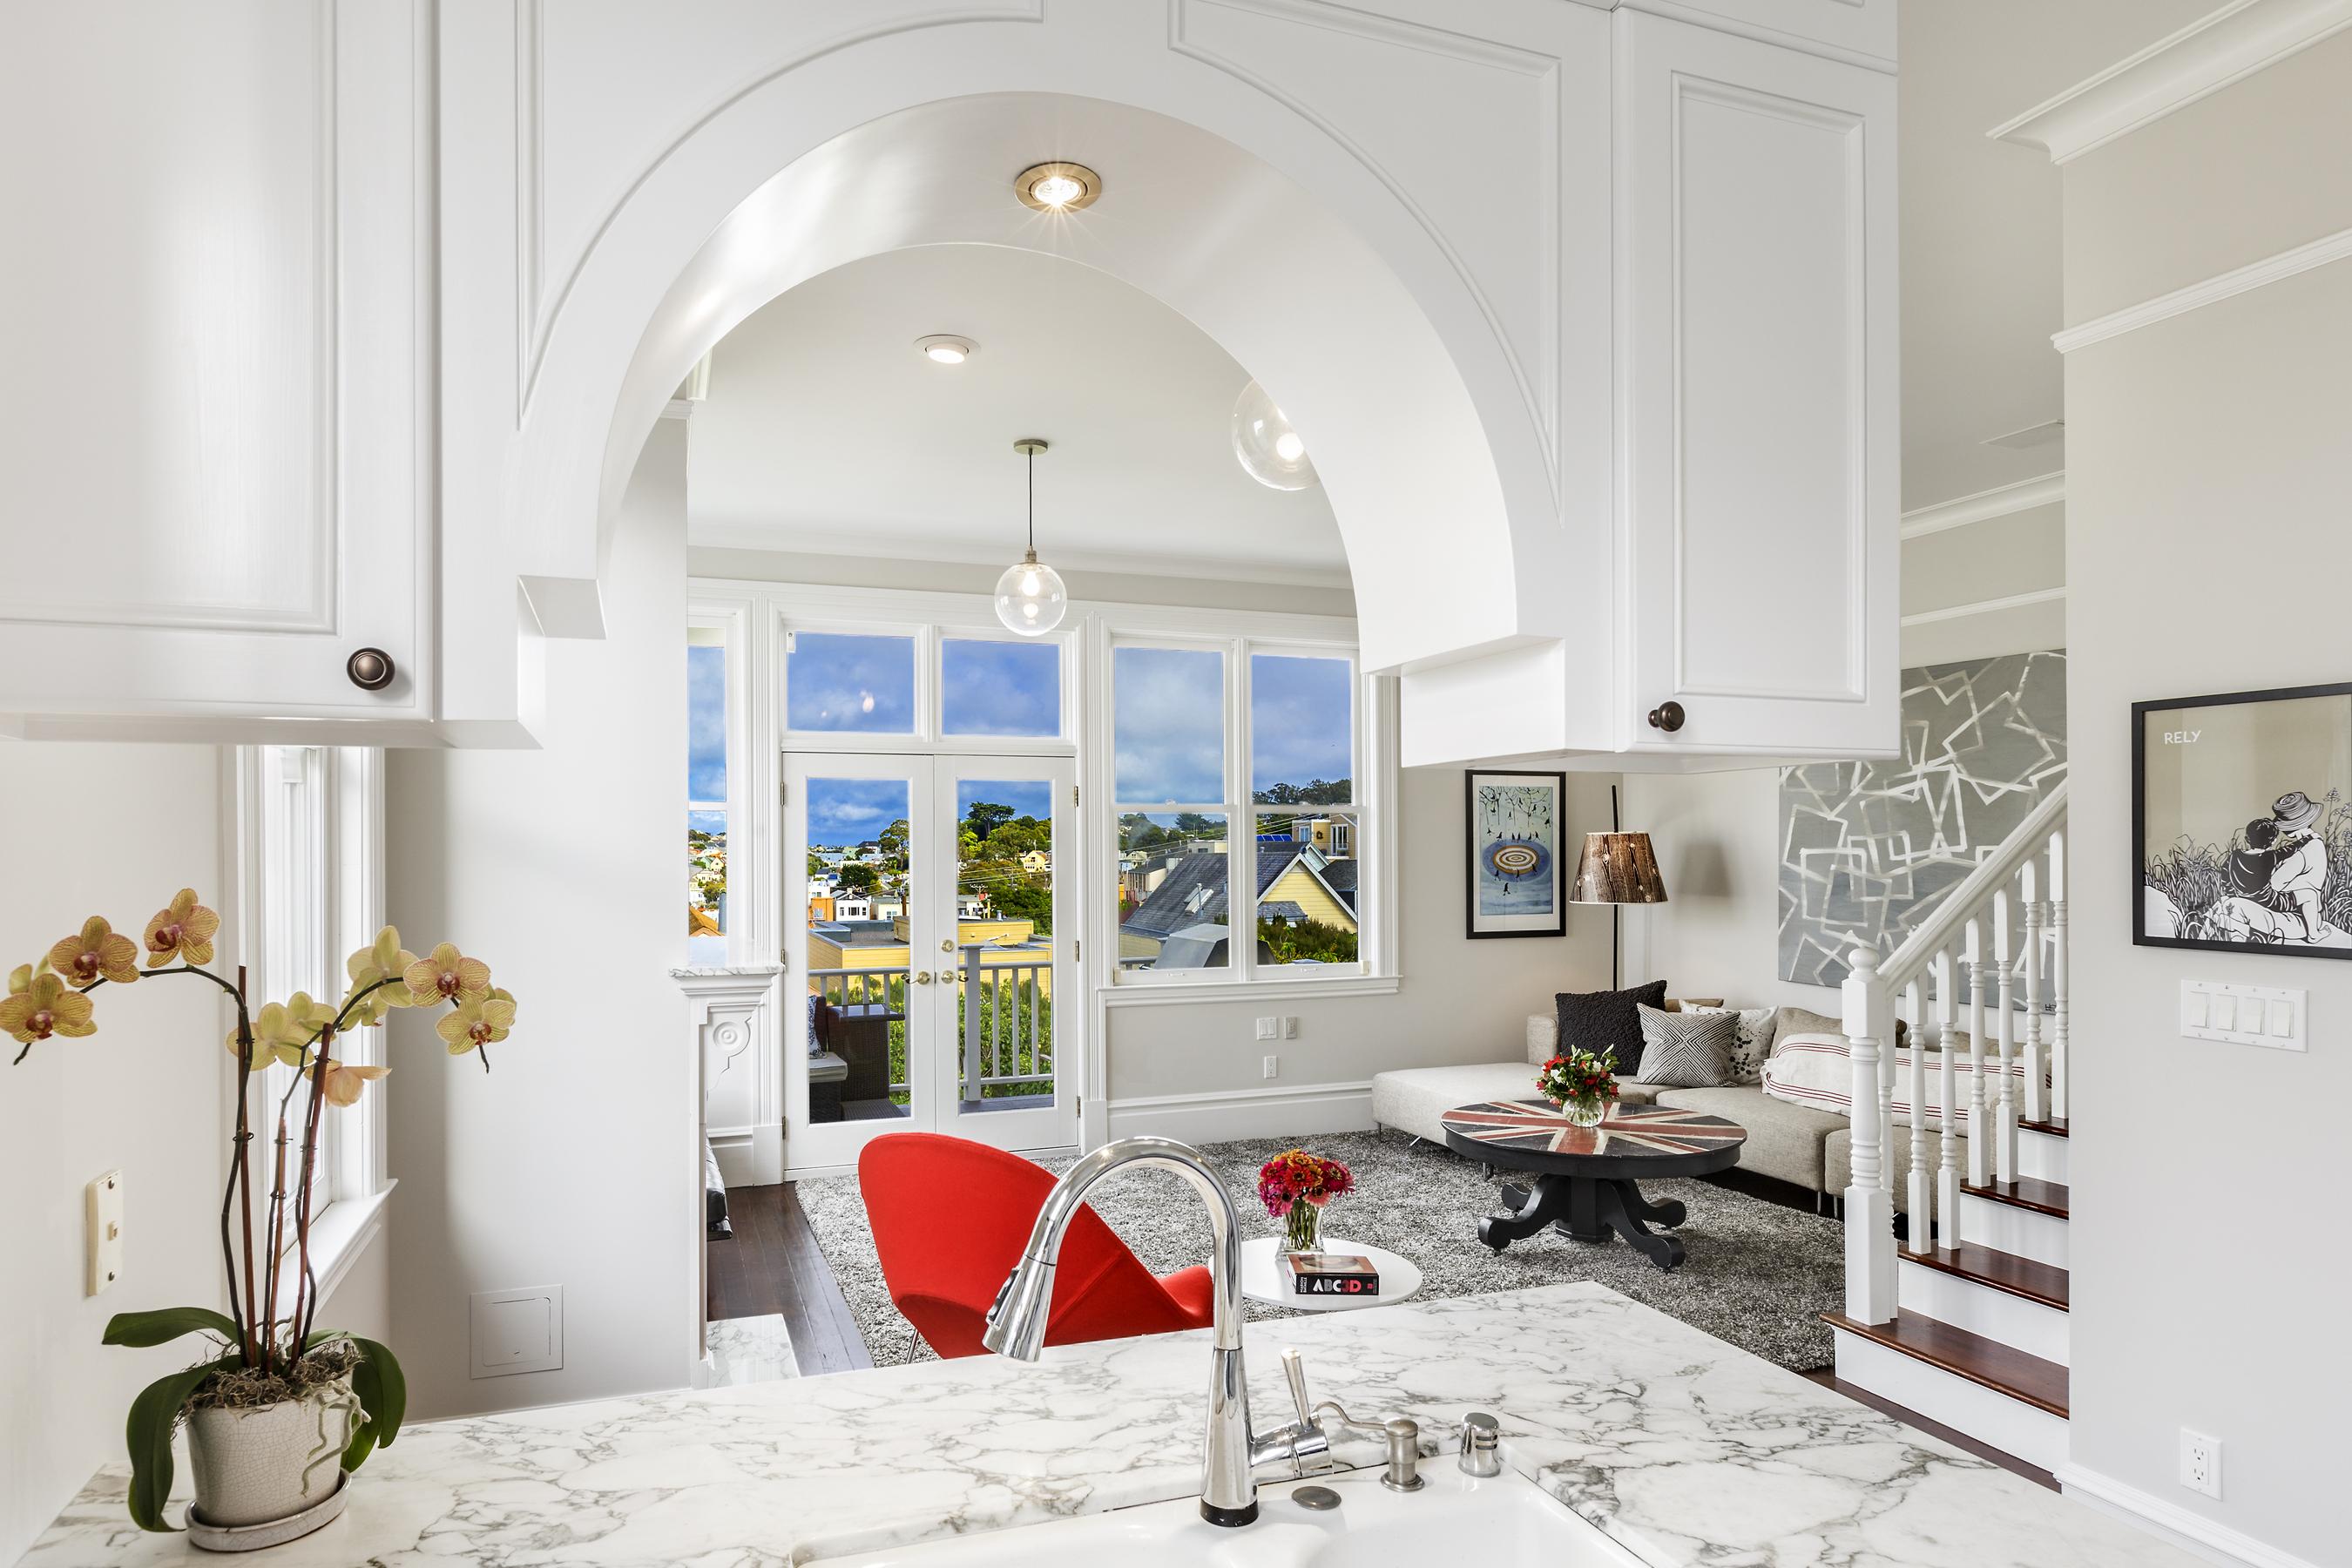 For Sale | 1793 Sanchez St. | Glen Park – theFrontSteps | San Francisco